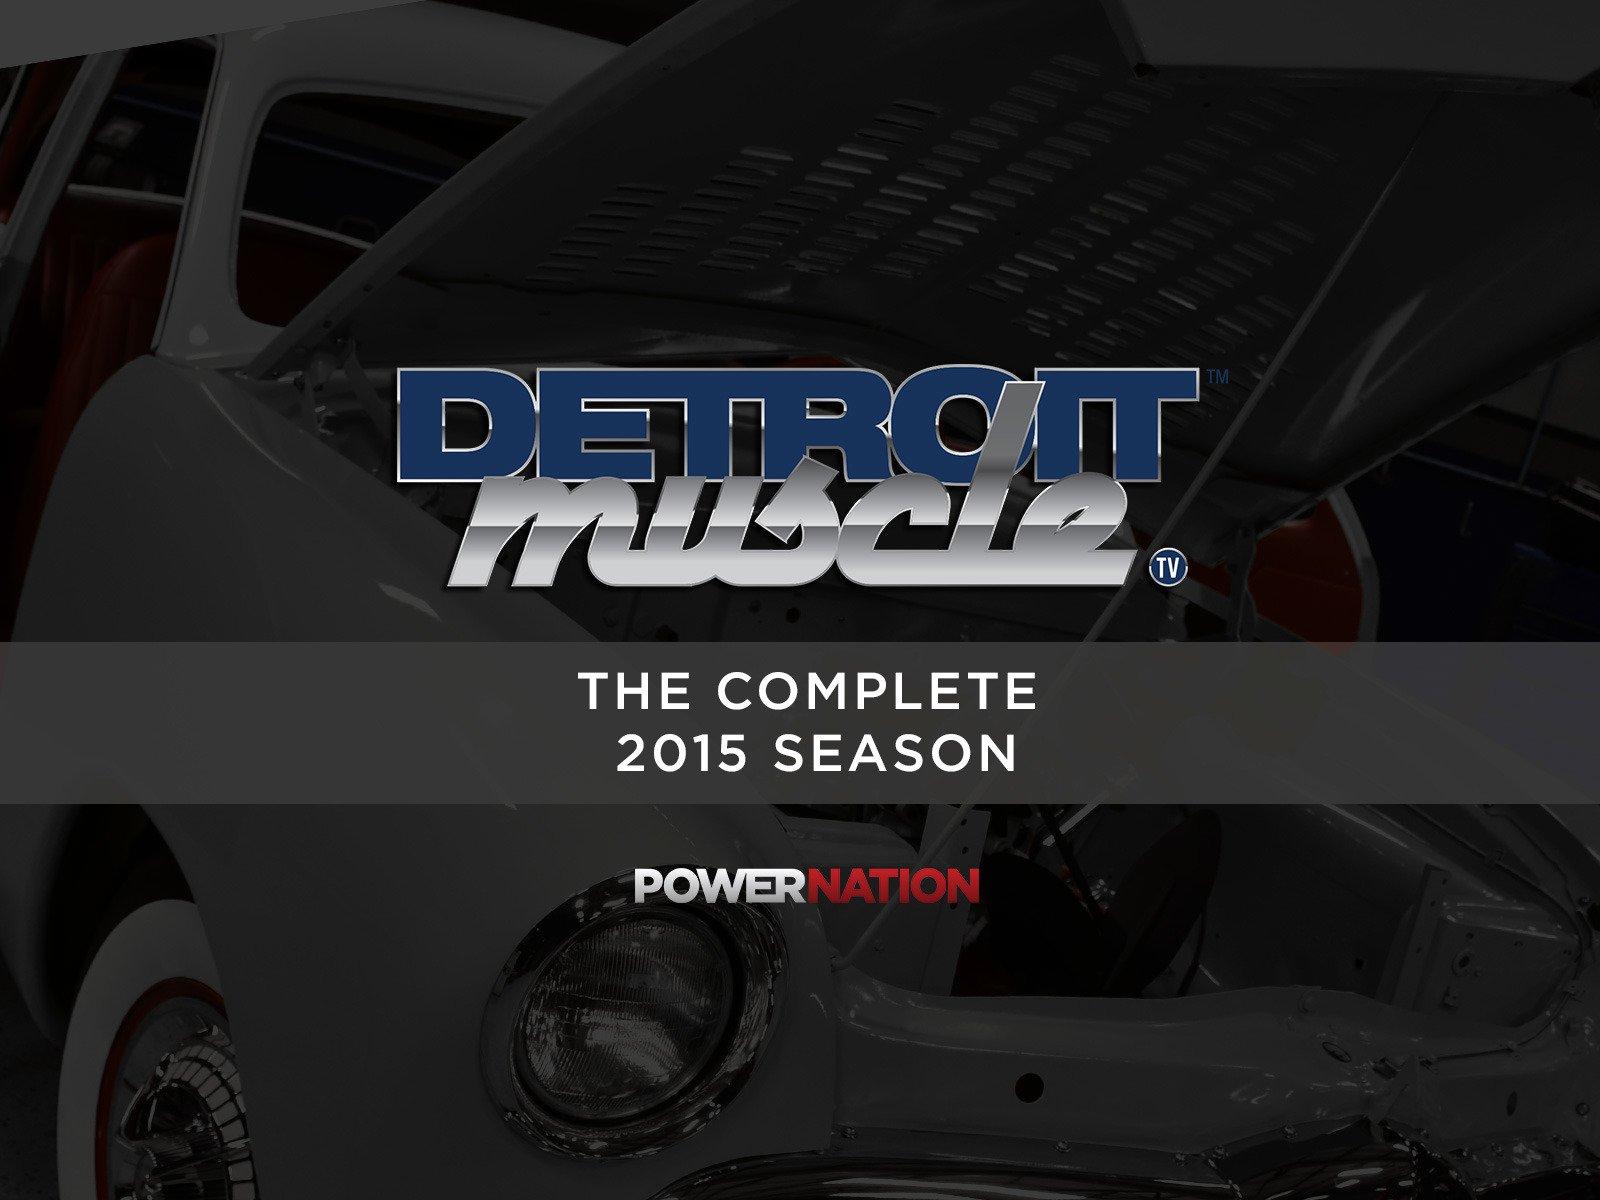 Detroit Muscle - Season 2015